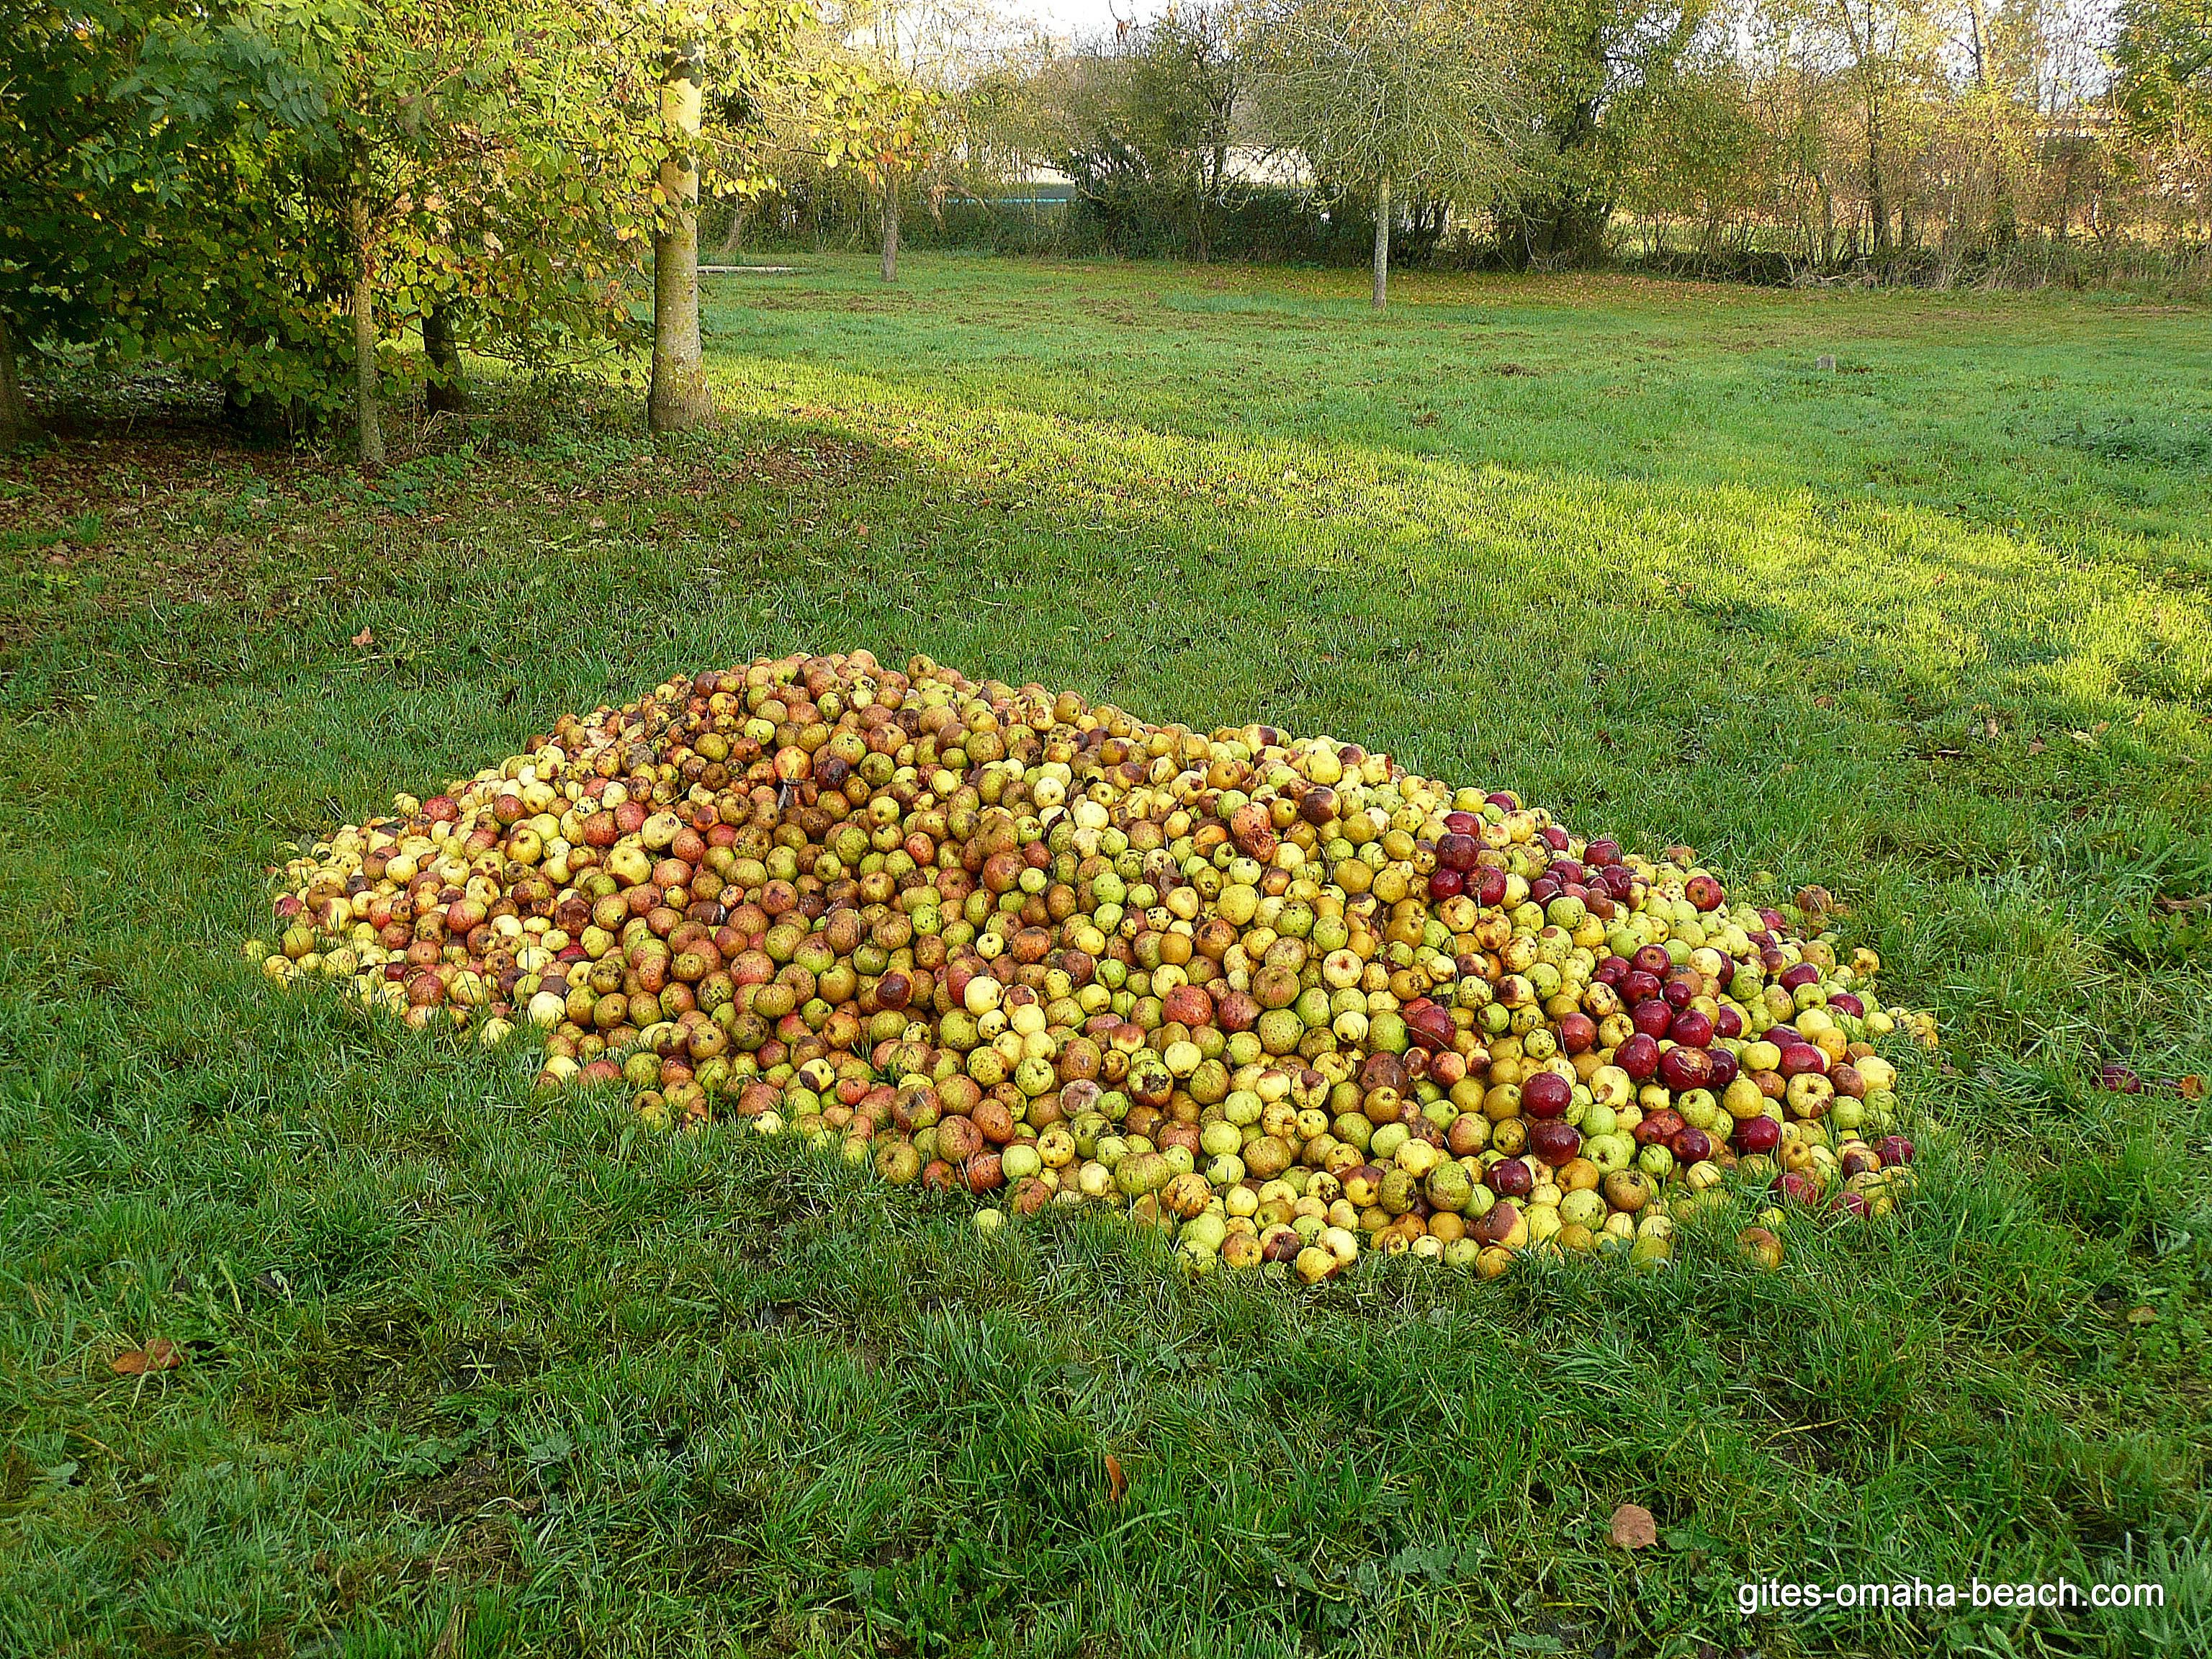 Les pommes attendent d'être transformées